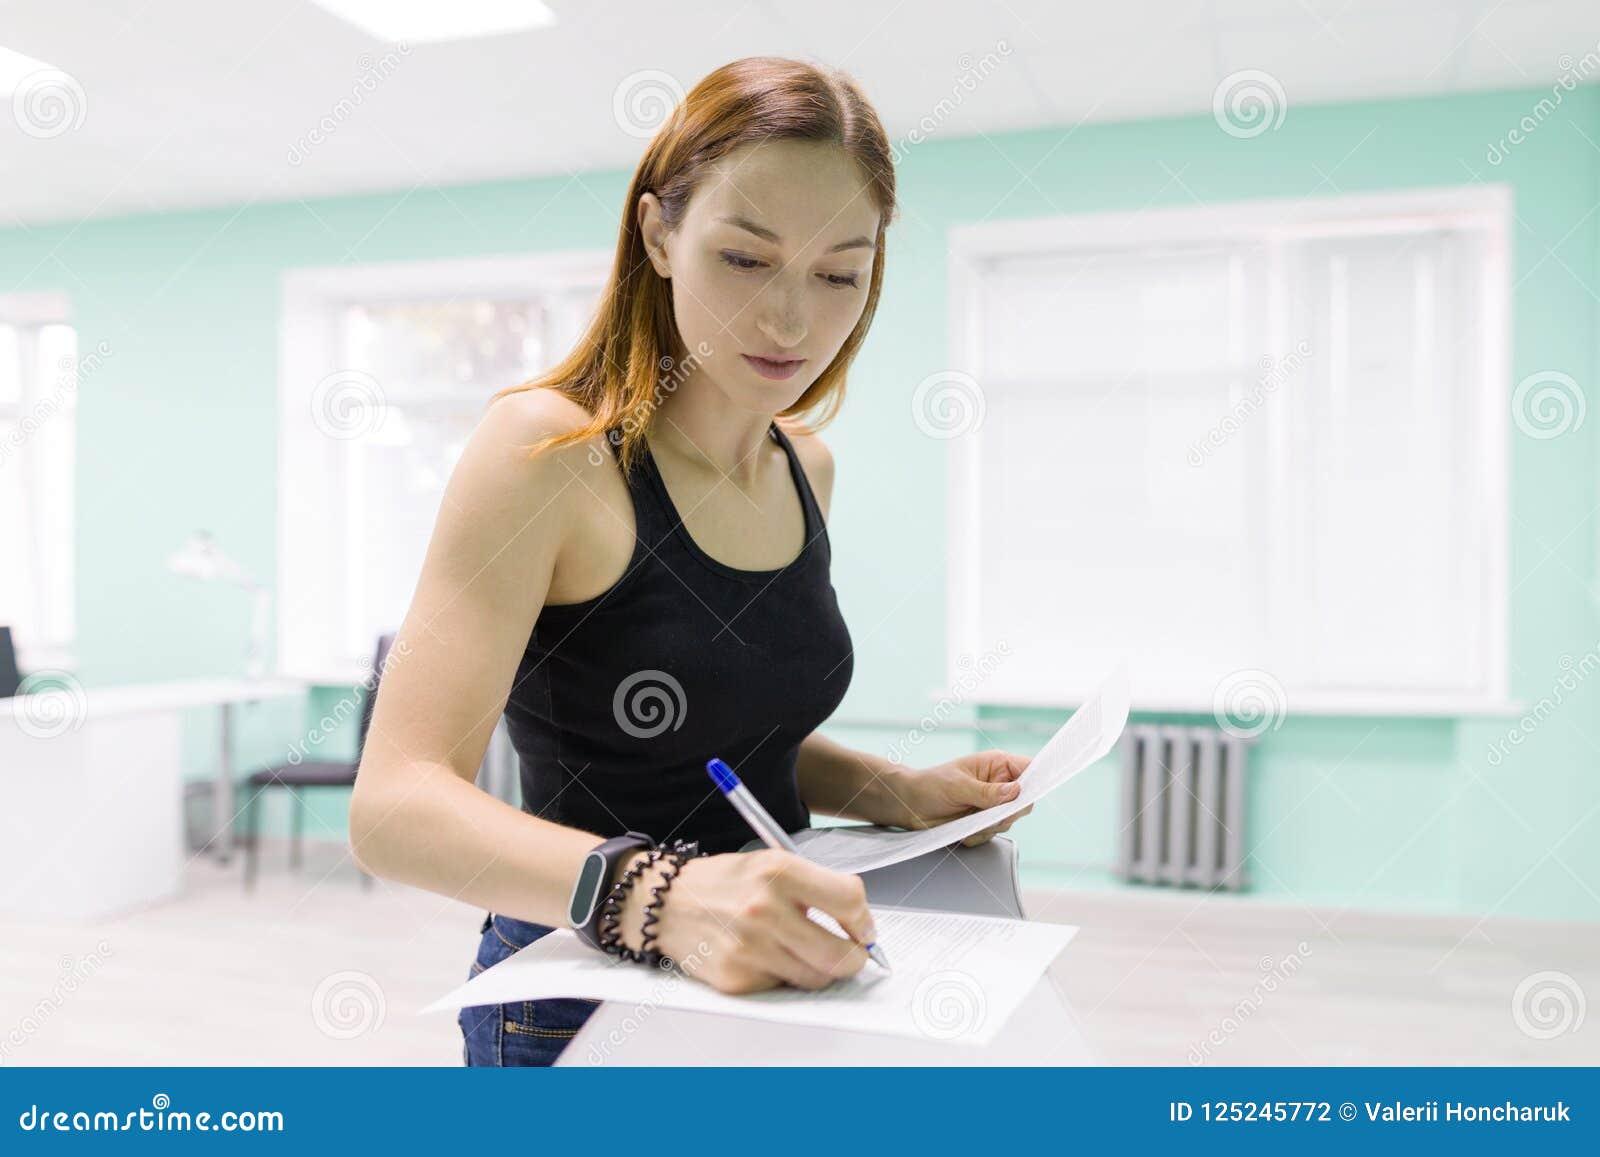 La giovane donna tiene un salone per la cura delle mani ed inchioda le carte dei segni, mette una firma